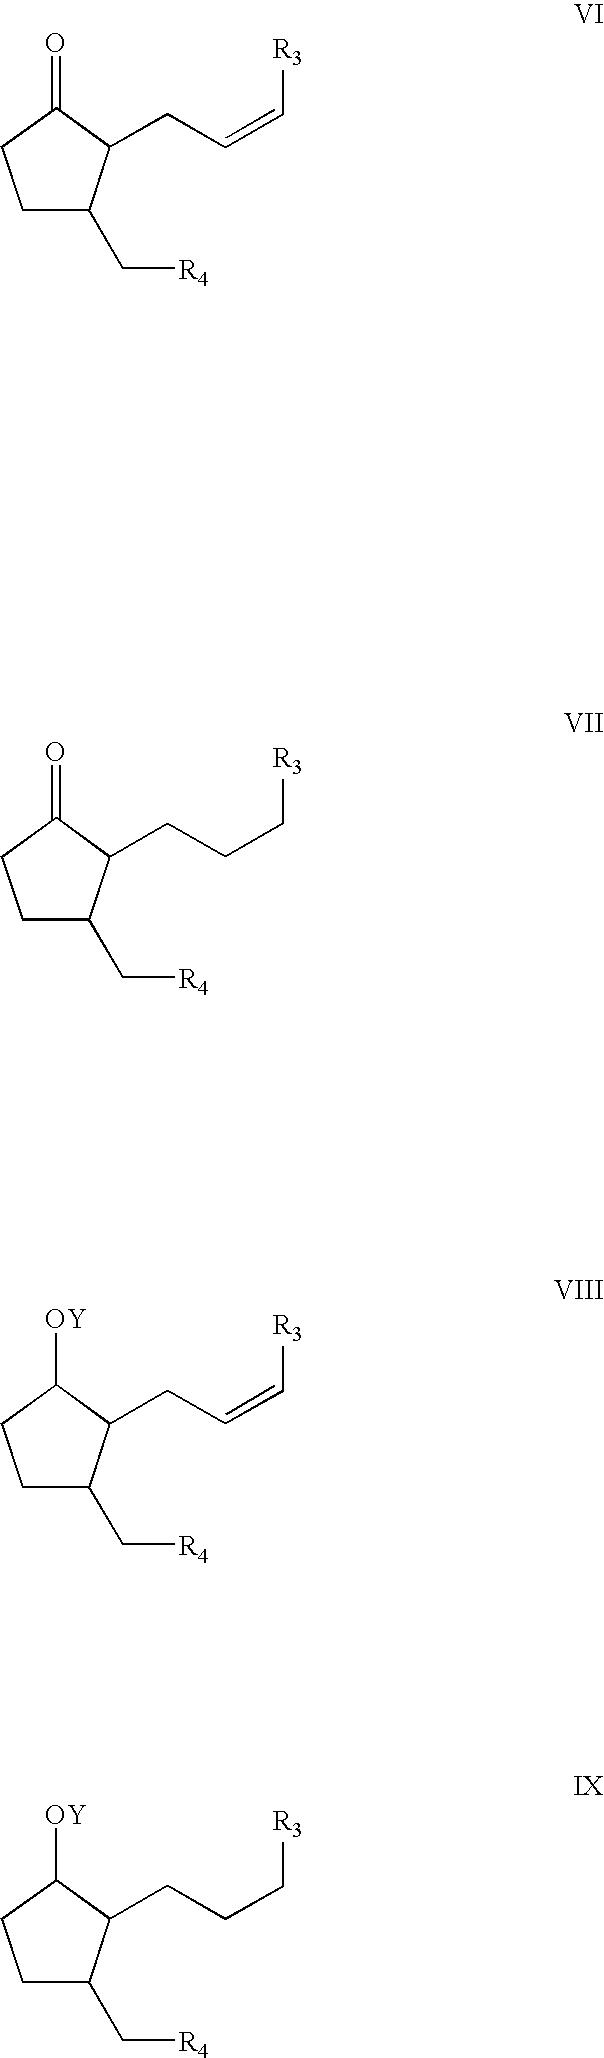 Figure US20040116356A1-20040617-C00013